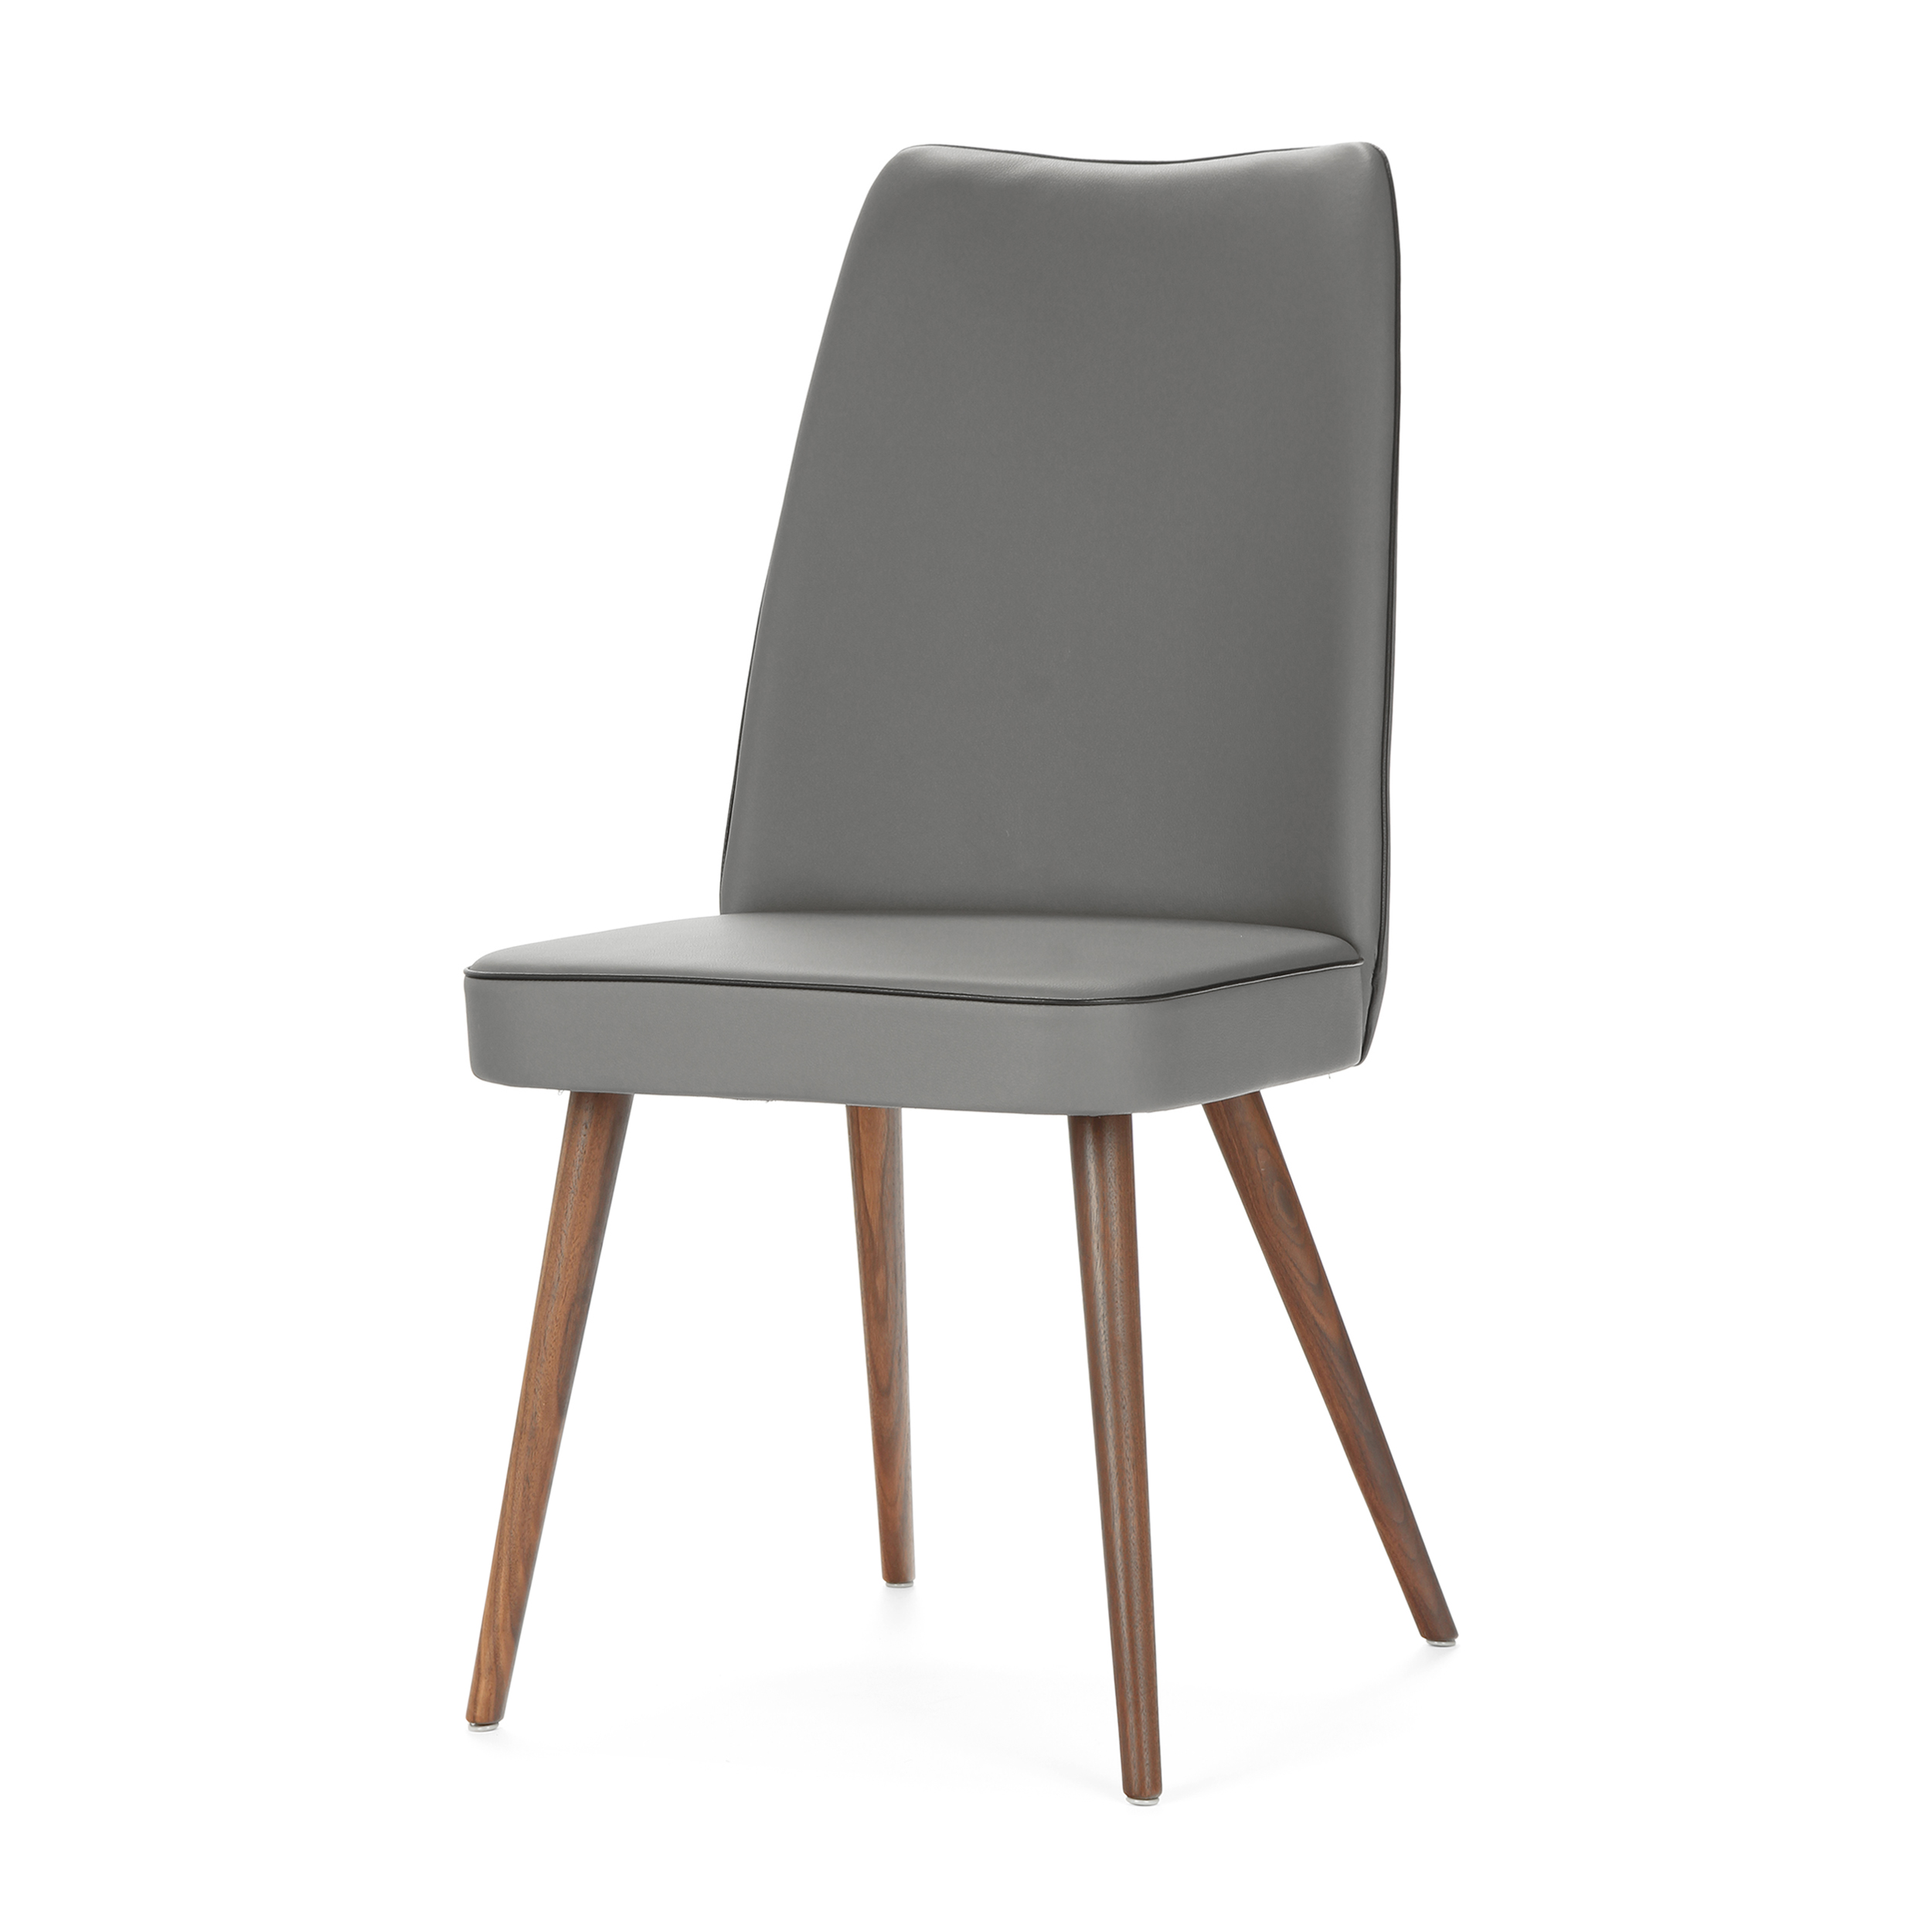 Стул Lounge HighИнтерьерные<br>Дизайнерский мягкий стул Lounge High (Лаундж Хайт) с высокой спинкой на деревянных ножках от Cosmo (Космо).<br><br> Стул Lounge High — это удобный, простой и одновременно оригинальный и необычный предмет интерьера, который открывает новые возможности ввиду своей универсальности. Стул прекрасно впишется в спокойный, мягкий, тихий и уютный интерьер кафе, ресторана или же прекрасно будет смотреться в гостиной возле обеденного стола. <br><br><br>     Основание выполнено из натурального ореха, а само сидень...<br><br>stock: 0<br>Высота: 93<br>Высота сиденья: 46<br>Ширина: 47<br>Глубина: 57<br>Цвет ножек: Орех<br>Материал ножек: Массив ореха<br>Материал сидения: Полиуретан<br>Цвет сидения: Темно-серый<br>Тип материала сидения: Кожа искусственная<br>Коллекция ткани: Premium Grade PU<br>Тип материала ножек: Дерево